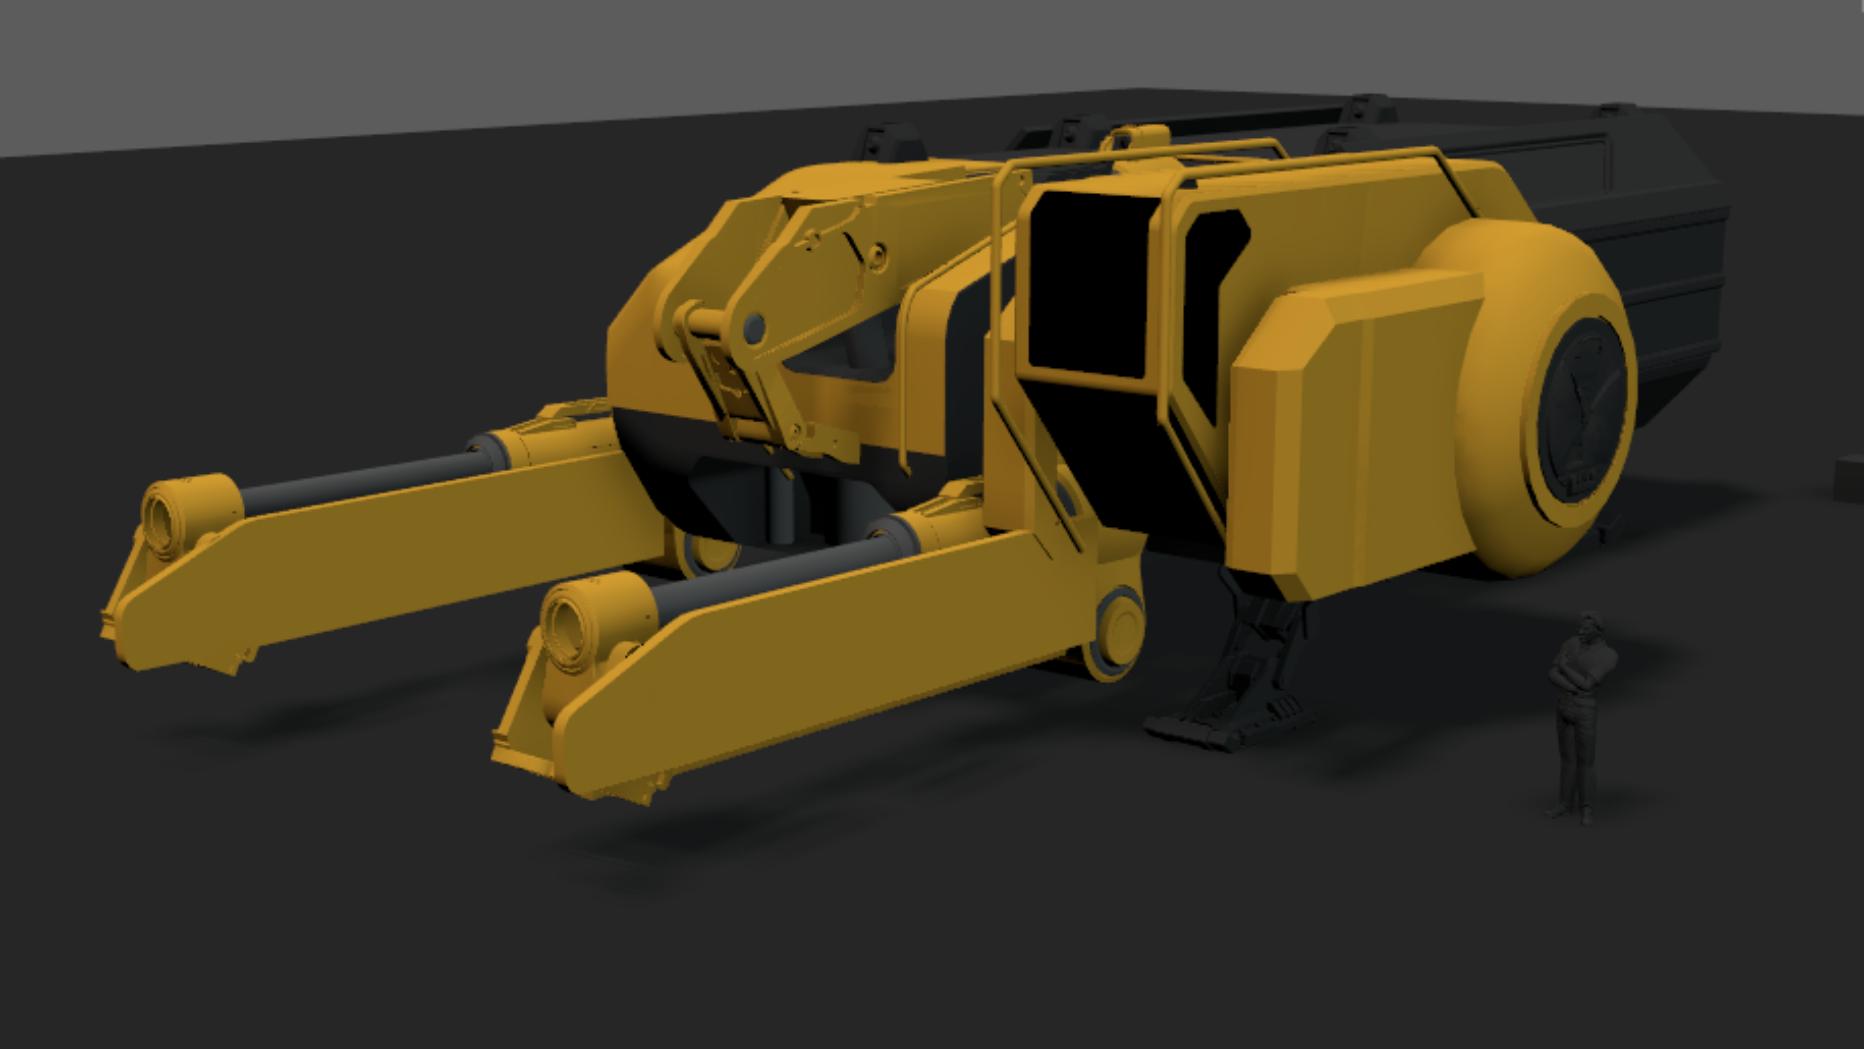 SC-Vulture-Vault-Concept-A-3.png